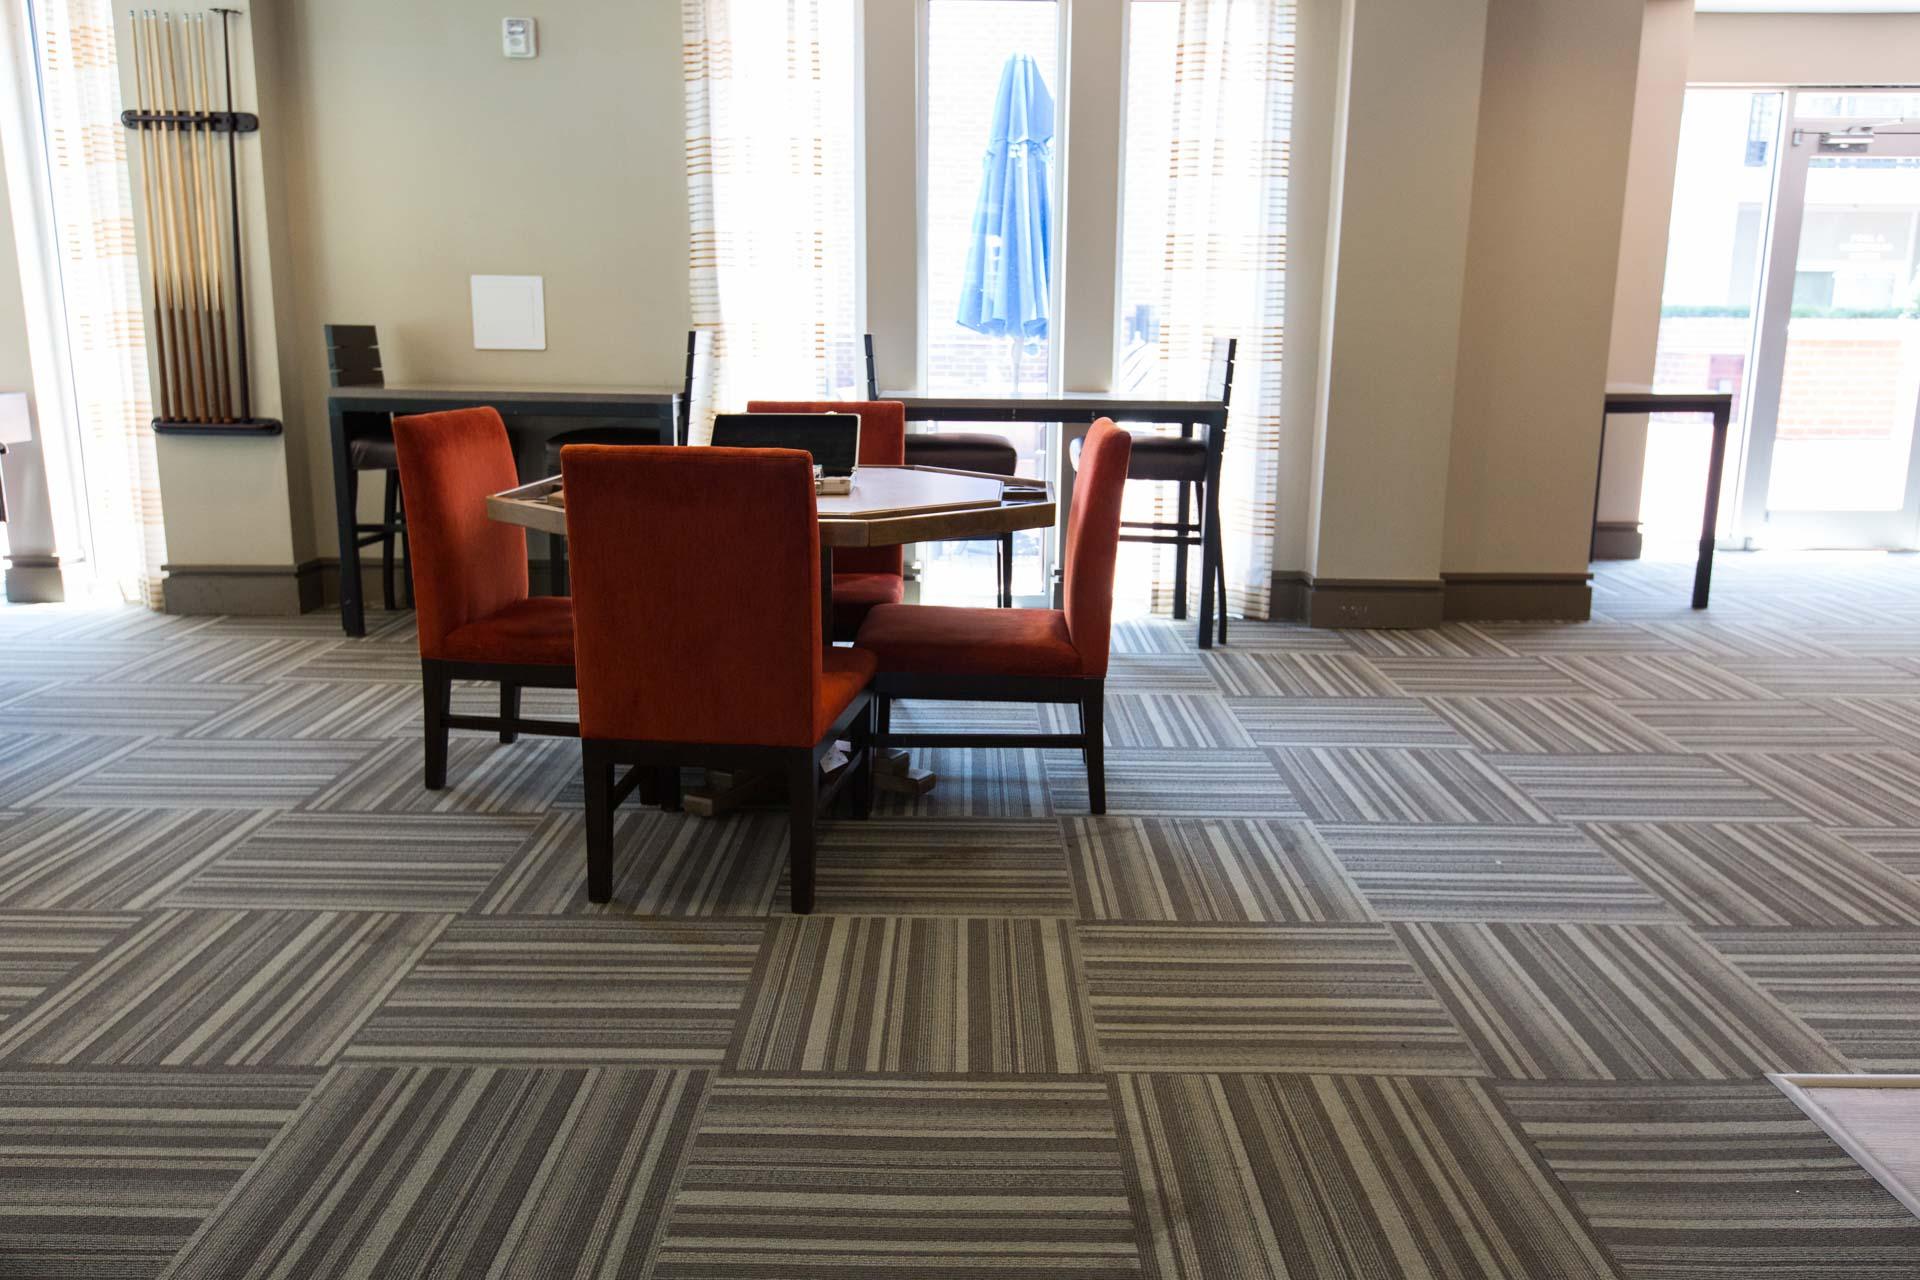 Restaurant Flooring Installation